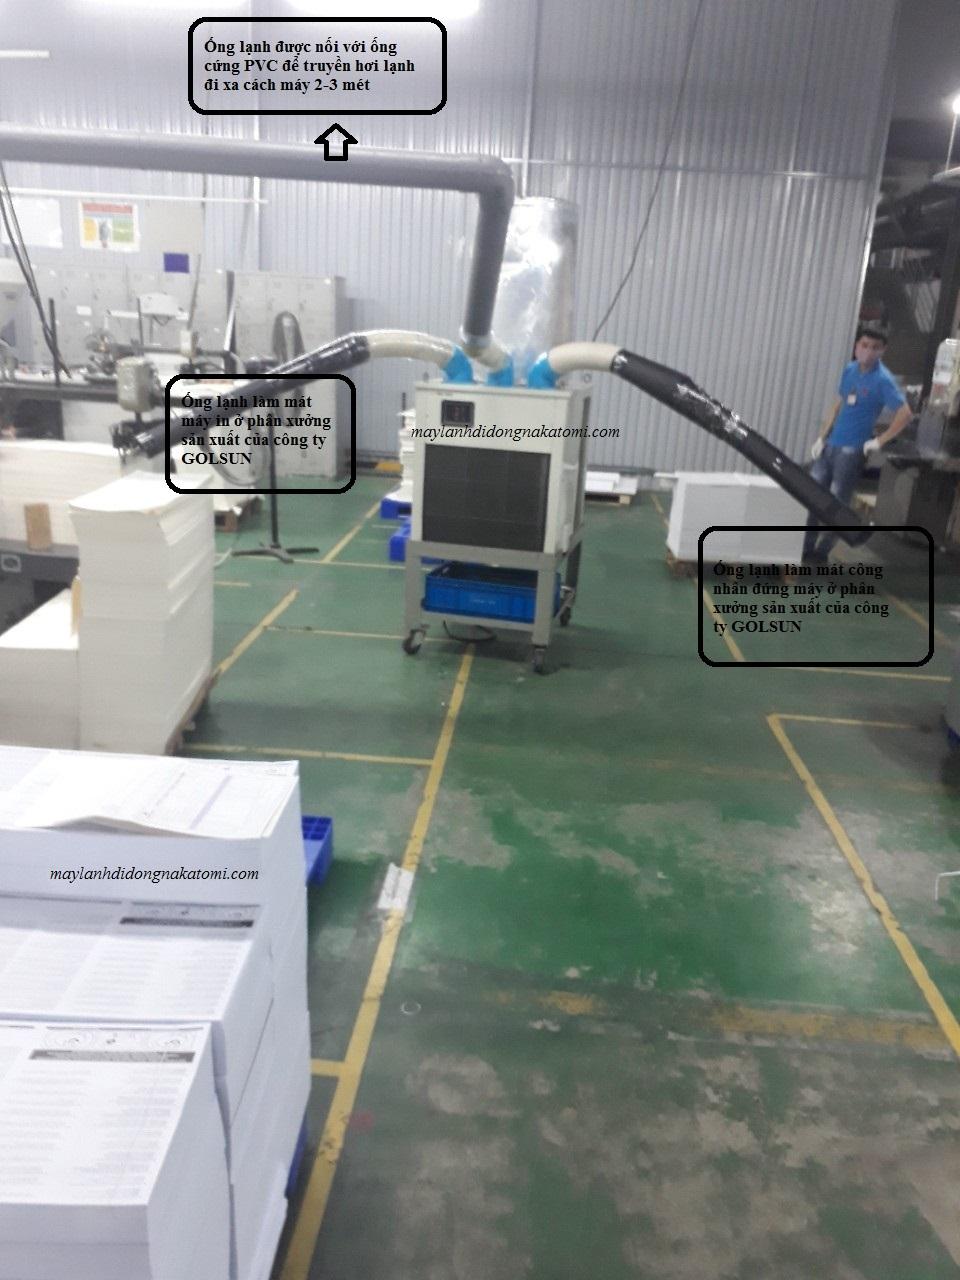 Thi công lắp máy lạnh di động nakatomi SAC-7500 cho nhà máy bao bì GOLDSUN-4